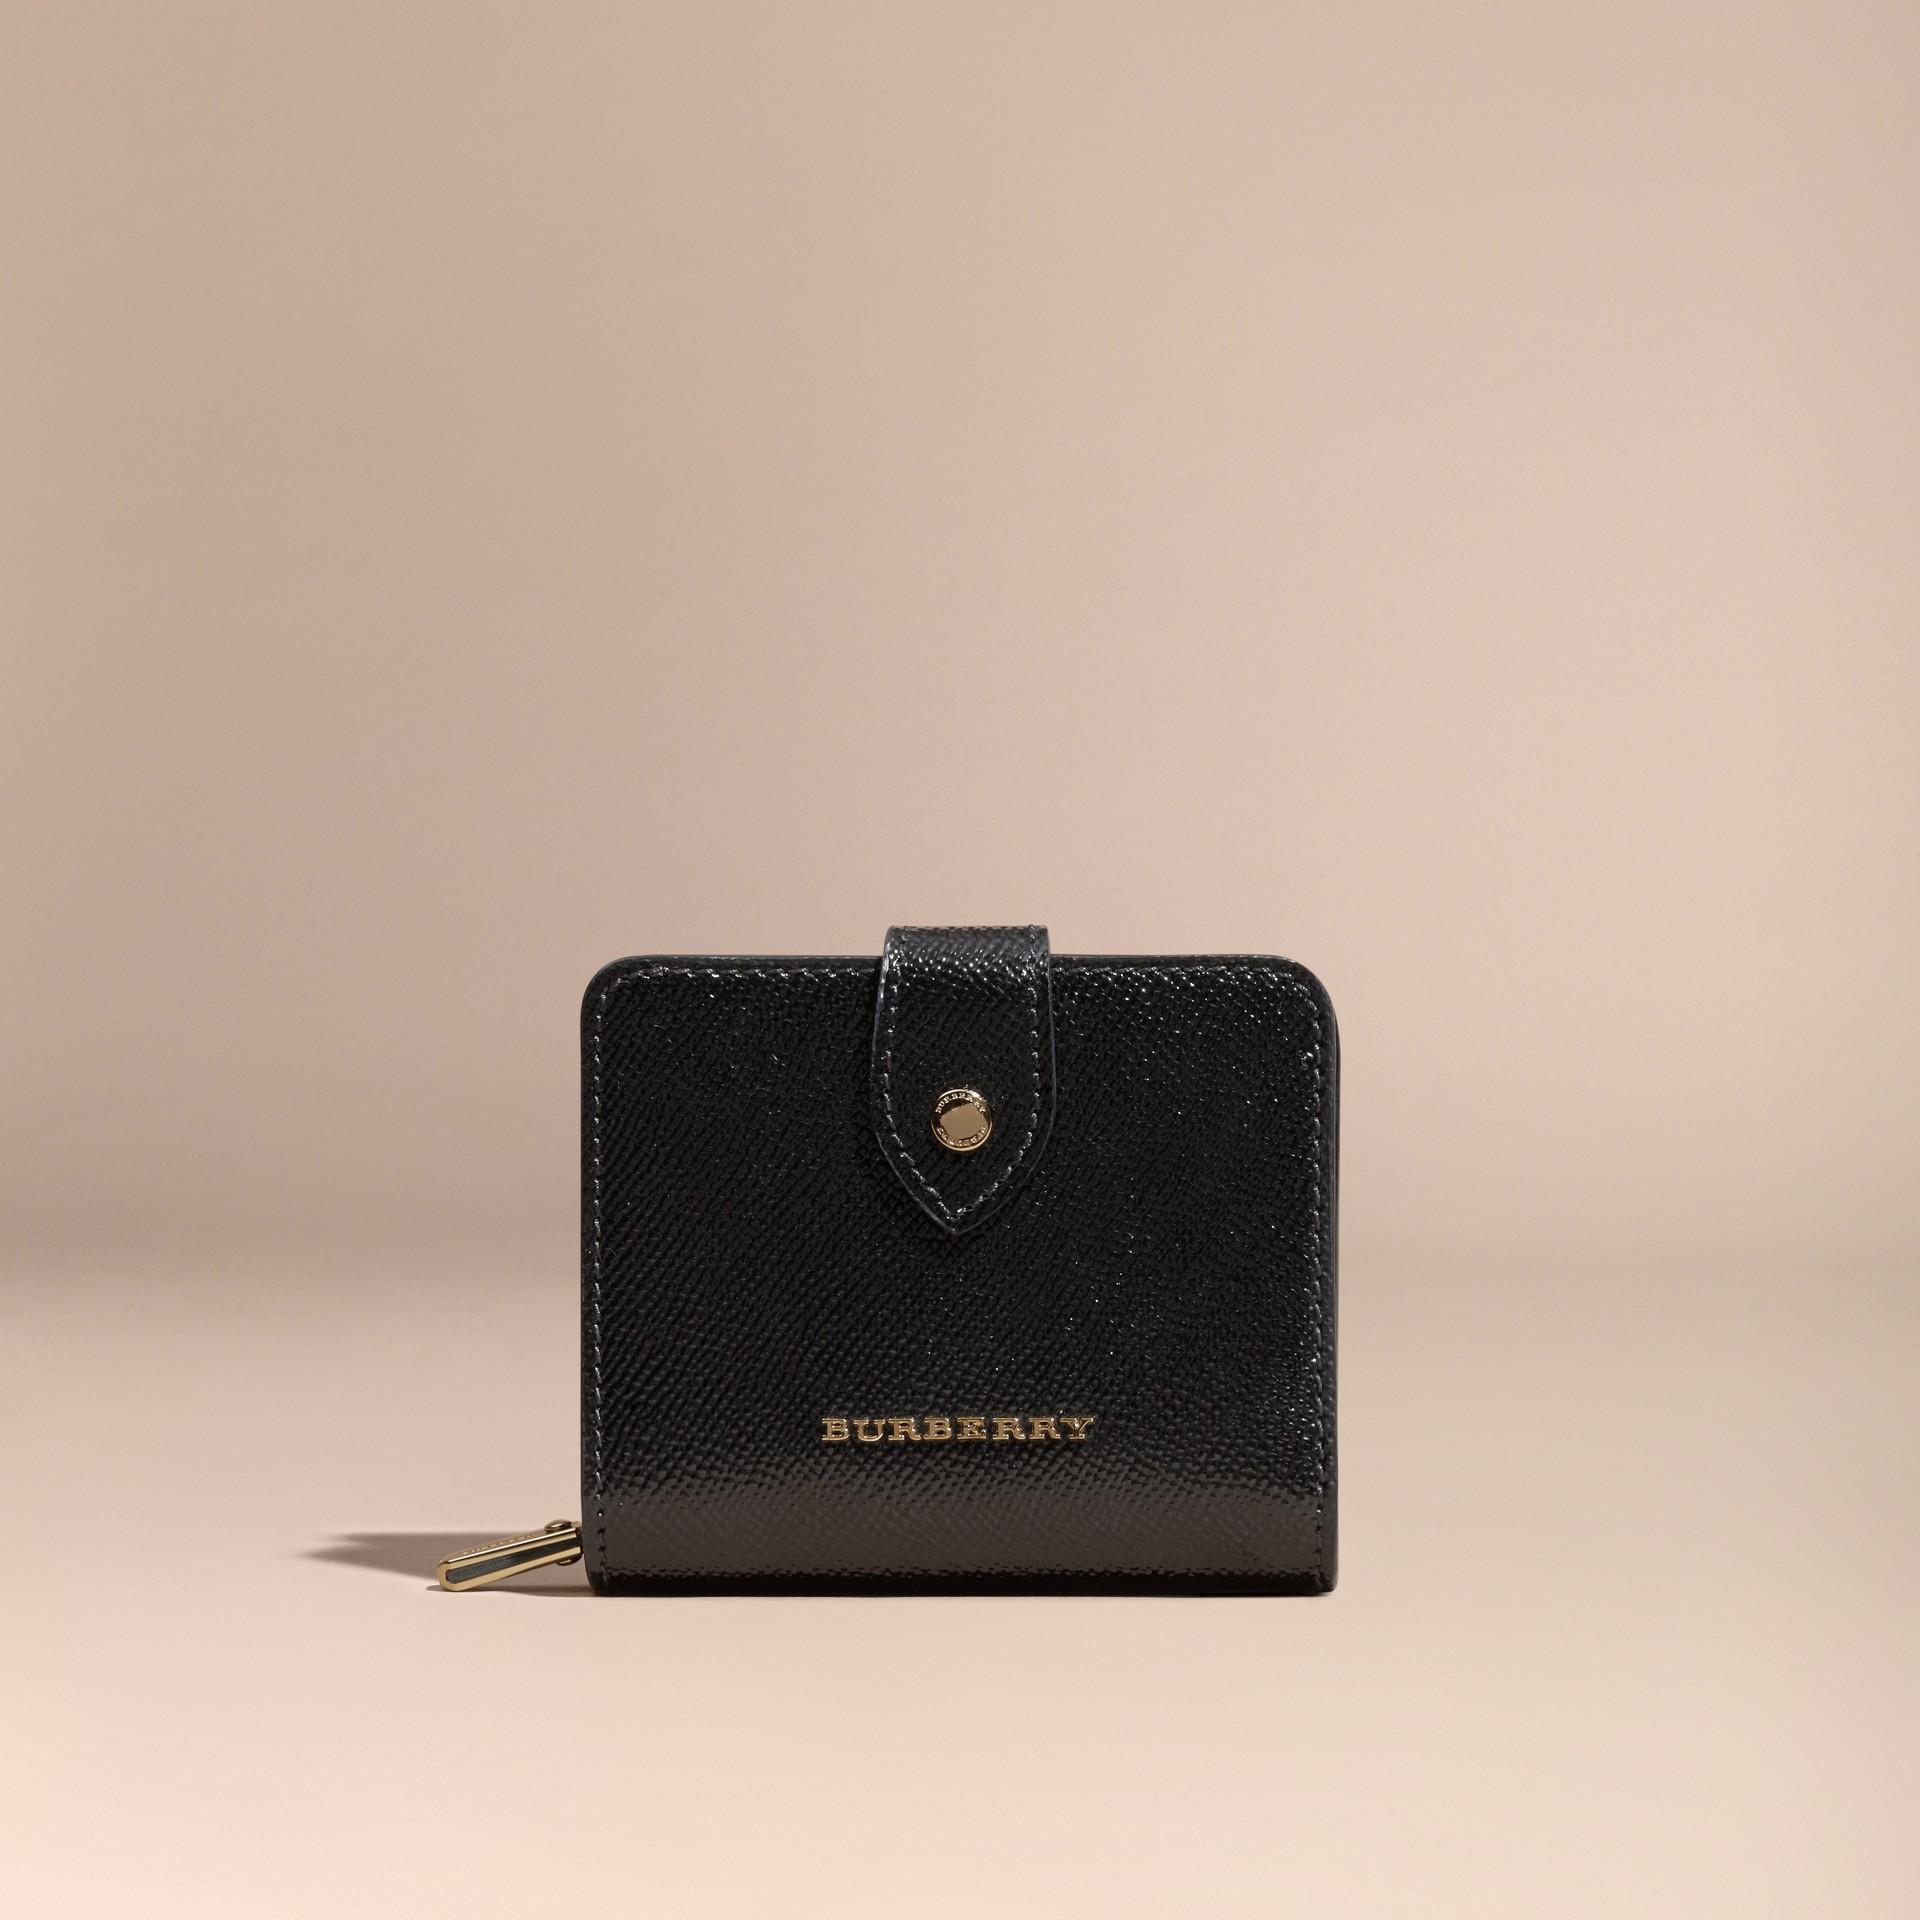 Nero Portafoglio in pelle London verniciata Nero - immagine della galleria 6